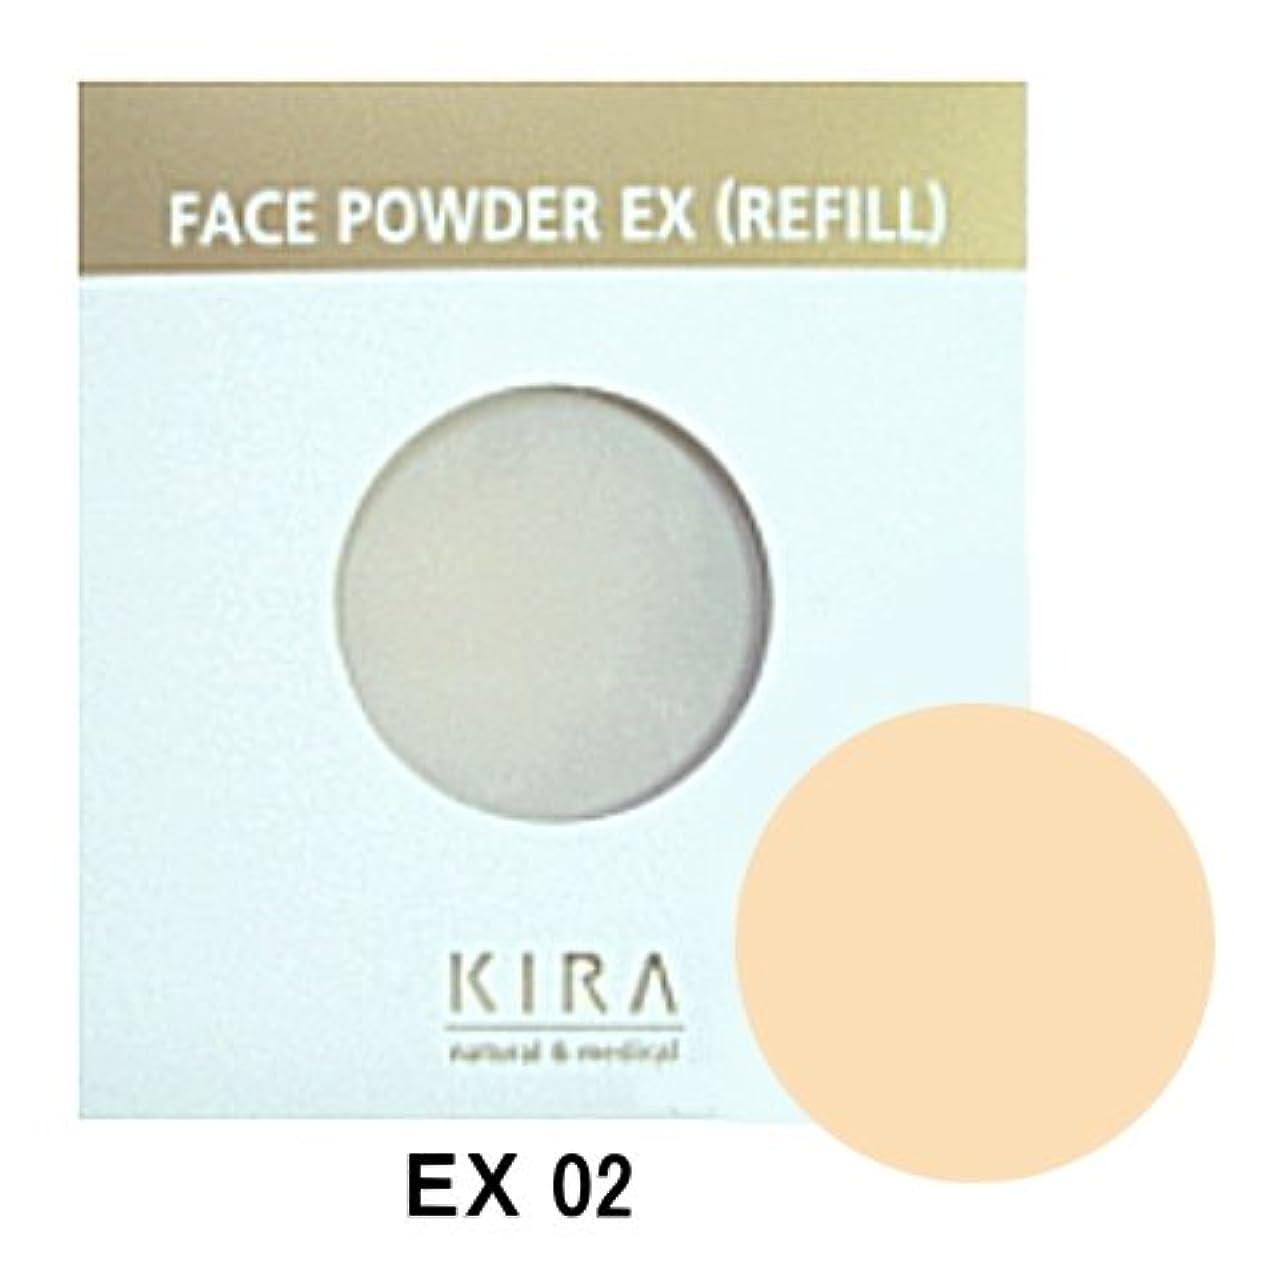 信頼小道資産綺羅化粧品 フェイスパウダーEX (ベージュ02) 《リフィル》 SPF15?PA++ (粉おしろい)